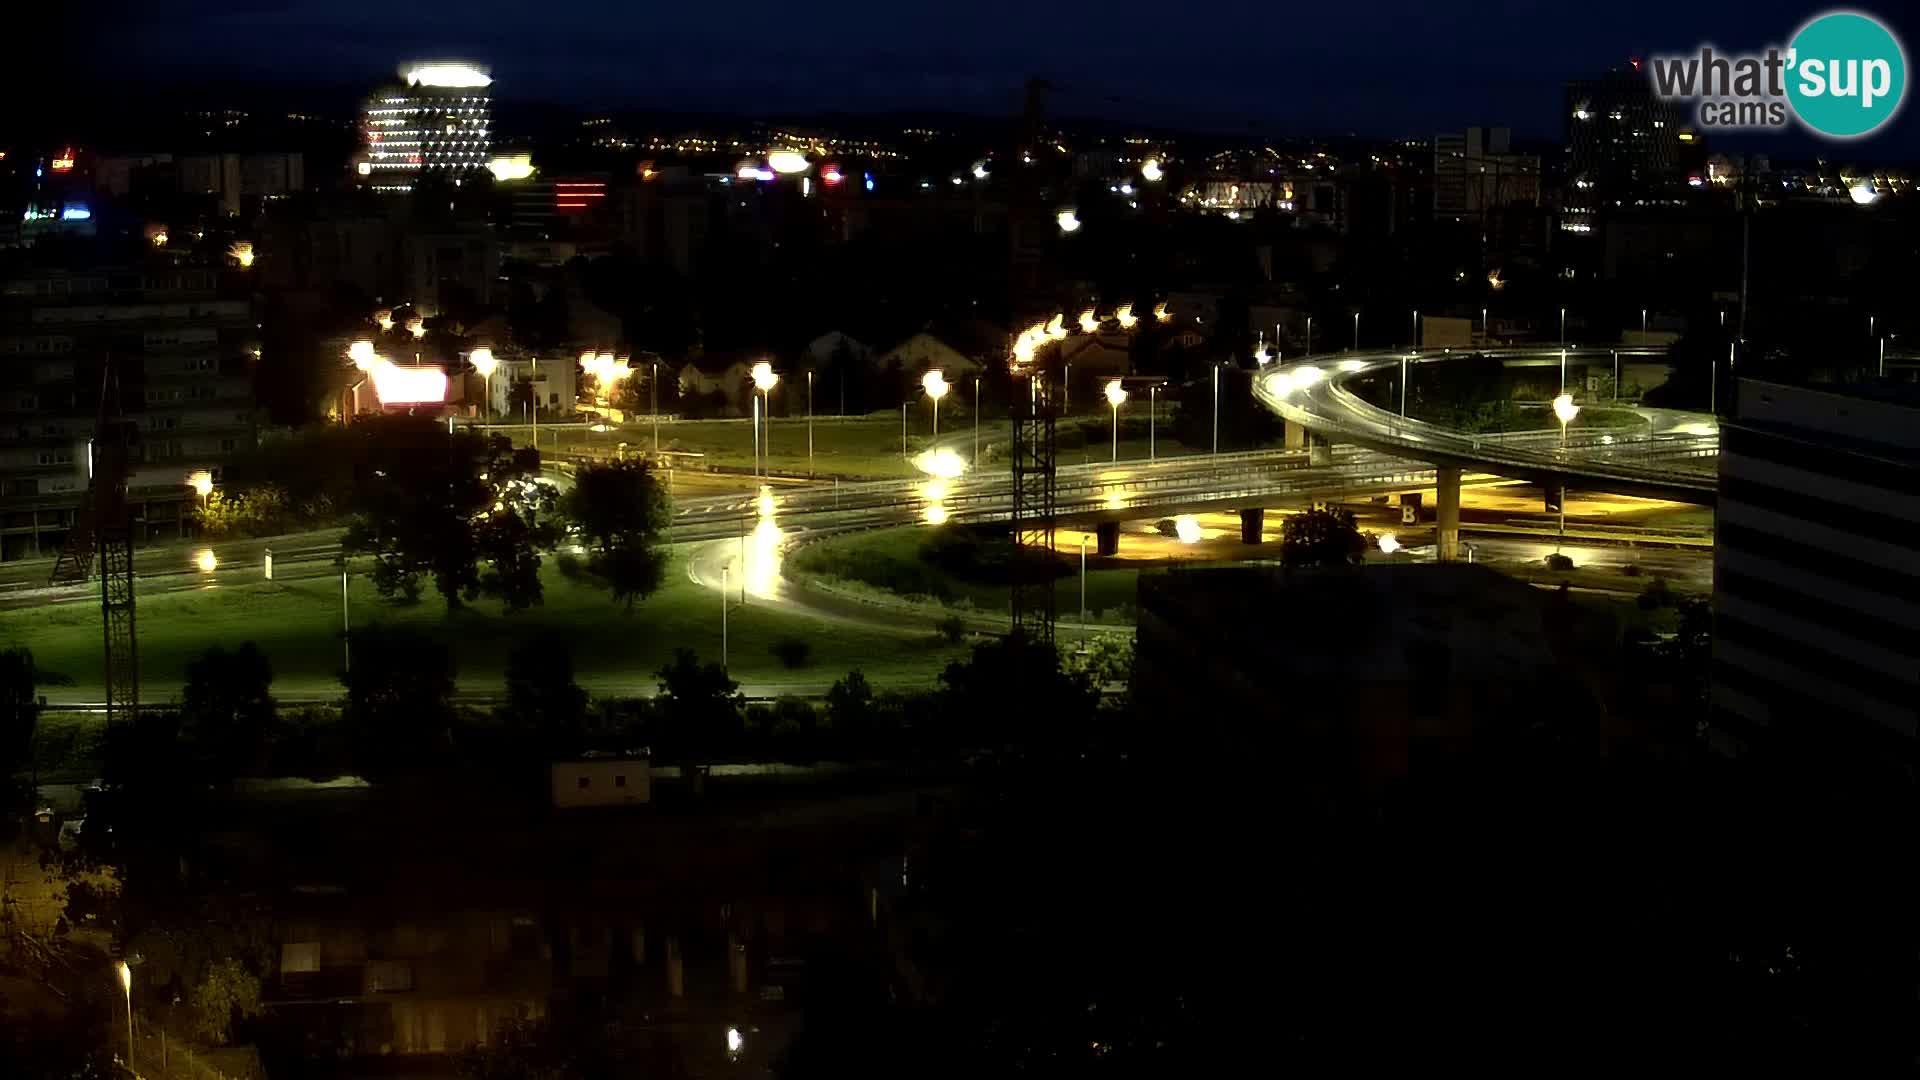 Krožišče Slavonske in Marin Držićeve ulice v Zagrebu v živo